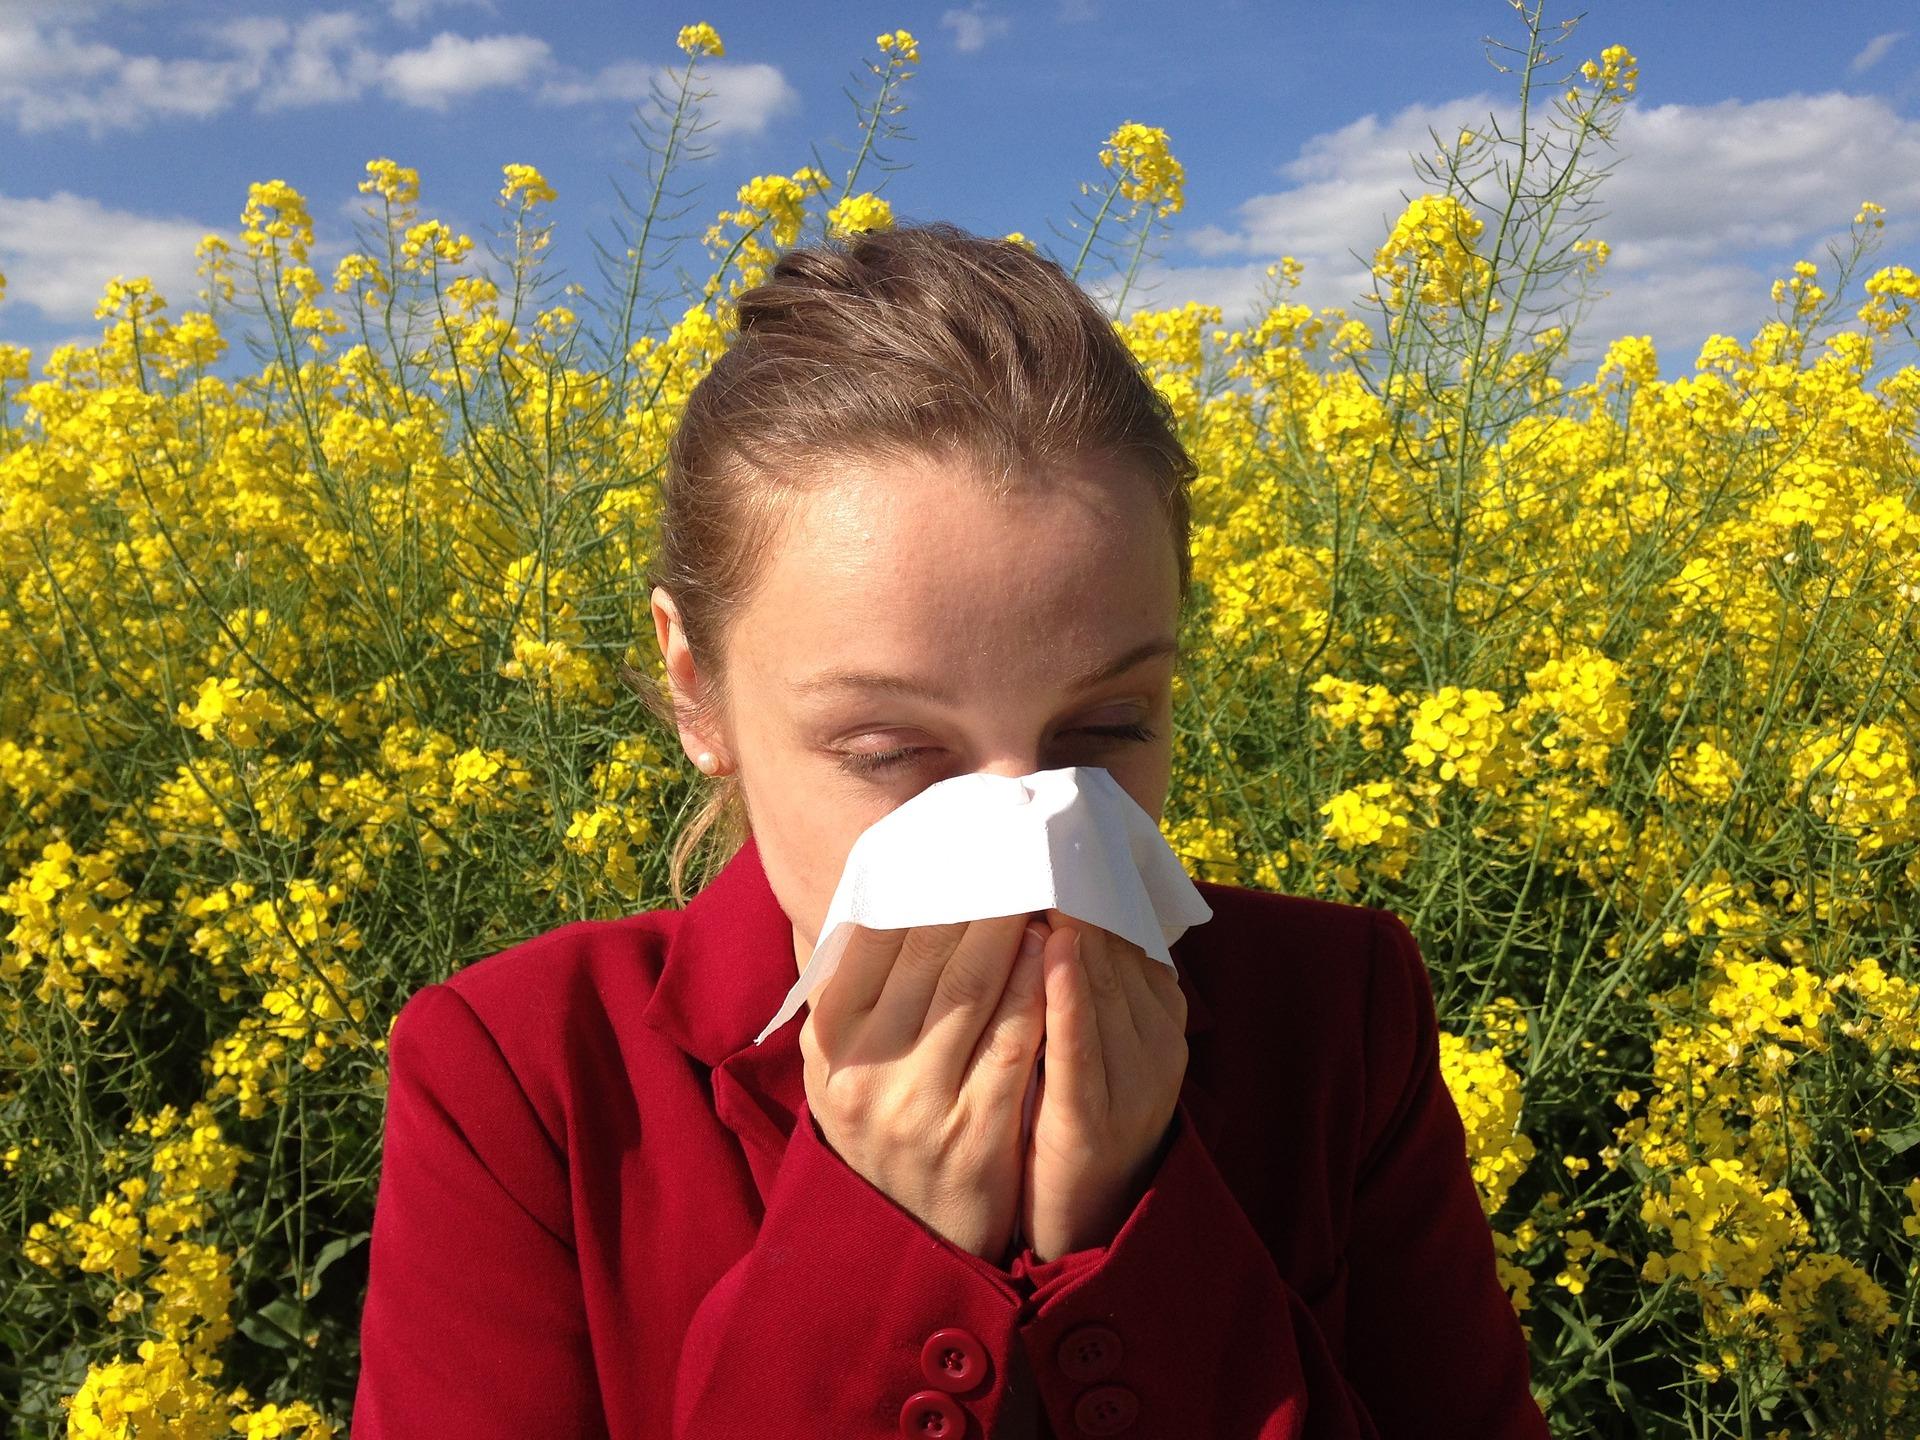 allergy-1738191_1920